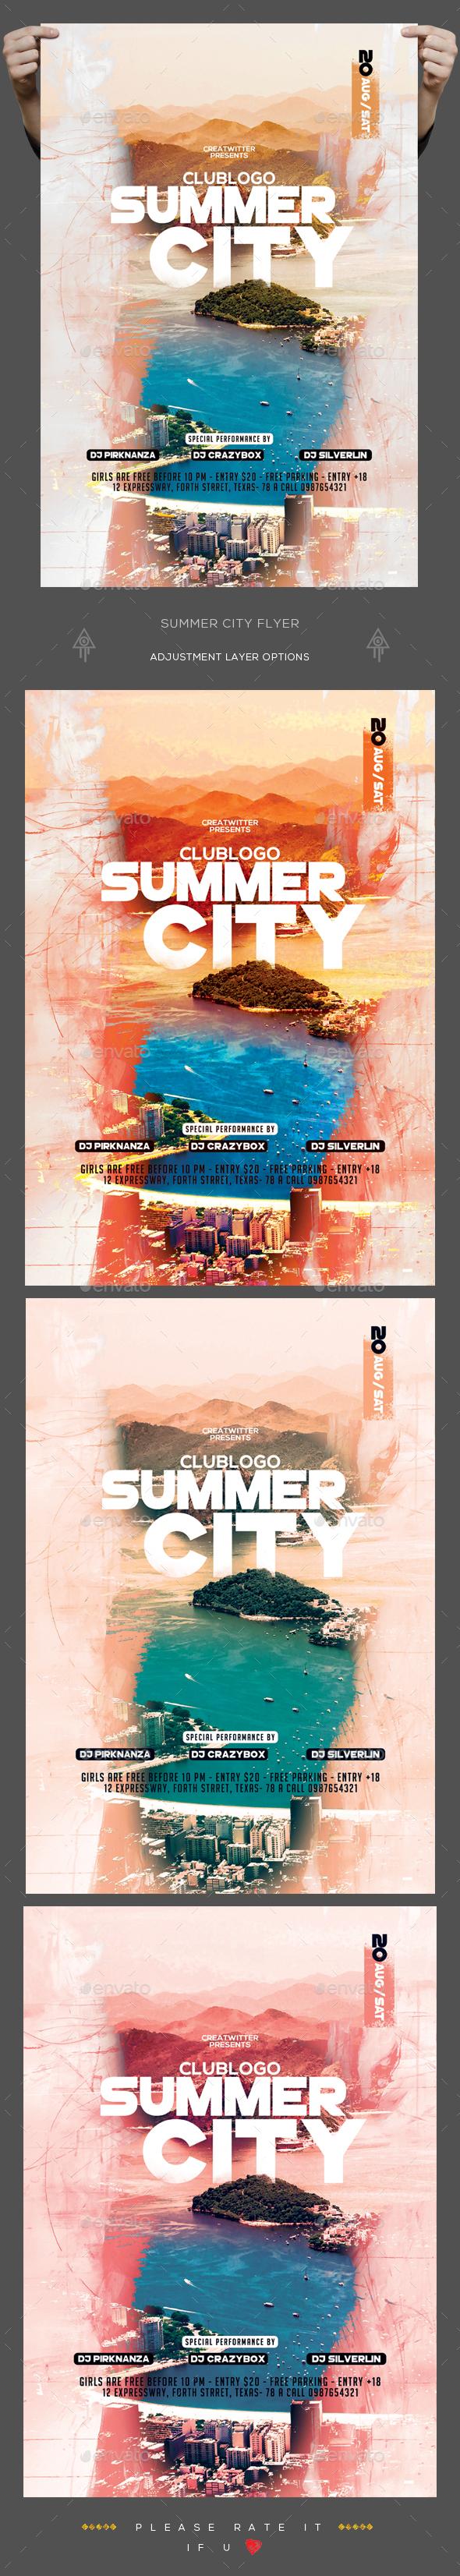 Summer City Flyer